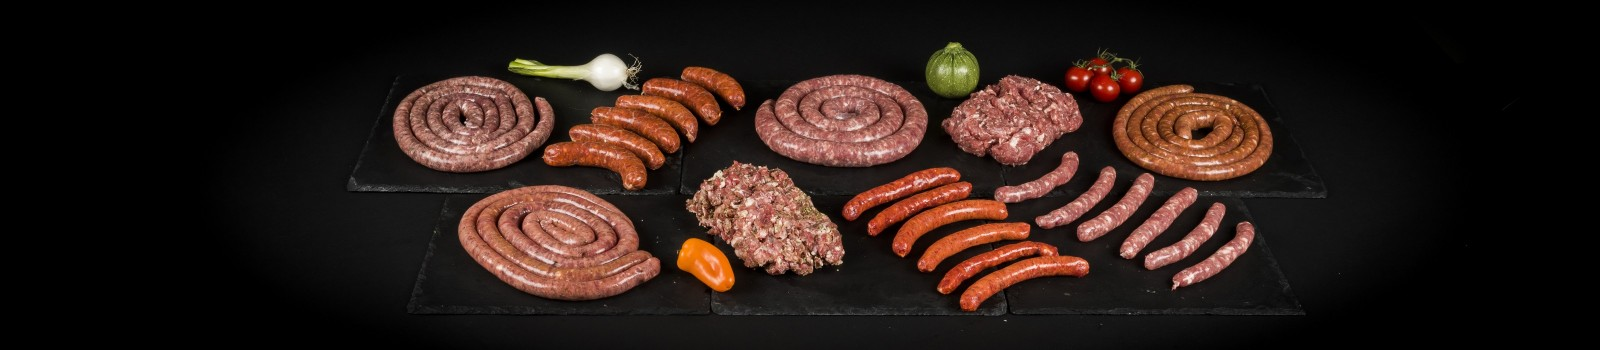 préparation à base de viande, Viandes du Sud Toulousain